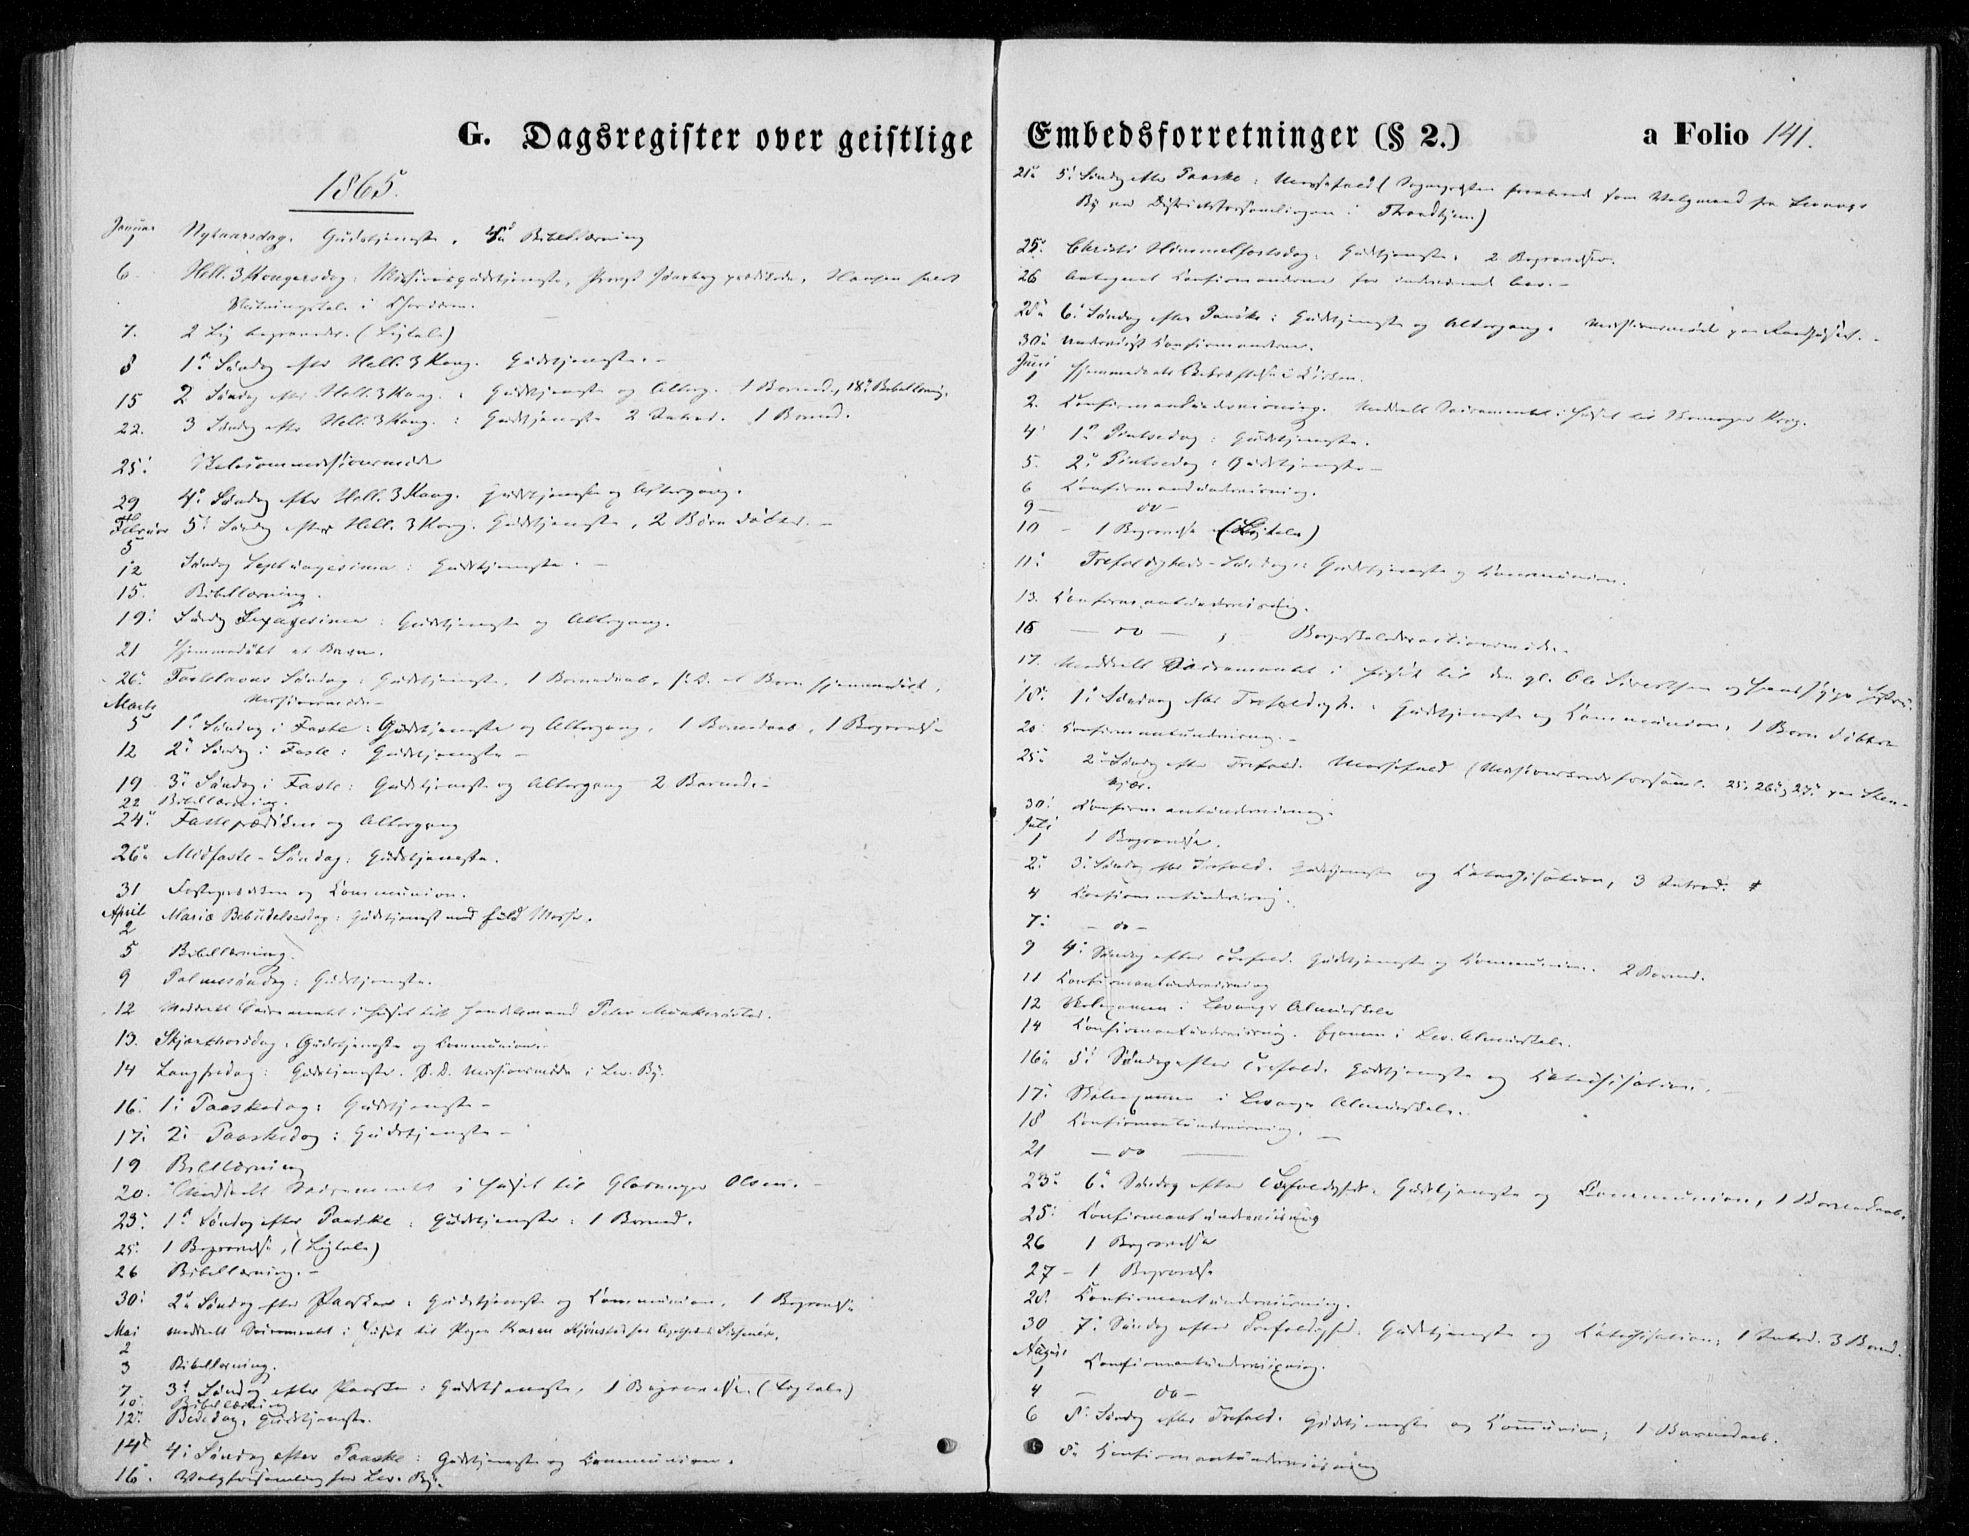 SAT, Ministerialprotokoller, klokkerbøker og fødselsregistre - Nord-Trøndelag, 720/L0186: Ministerialbok nr. 720A03, 1864-1874, s. 141